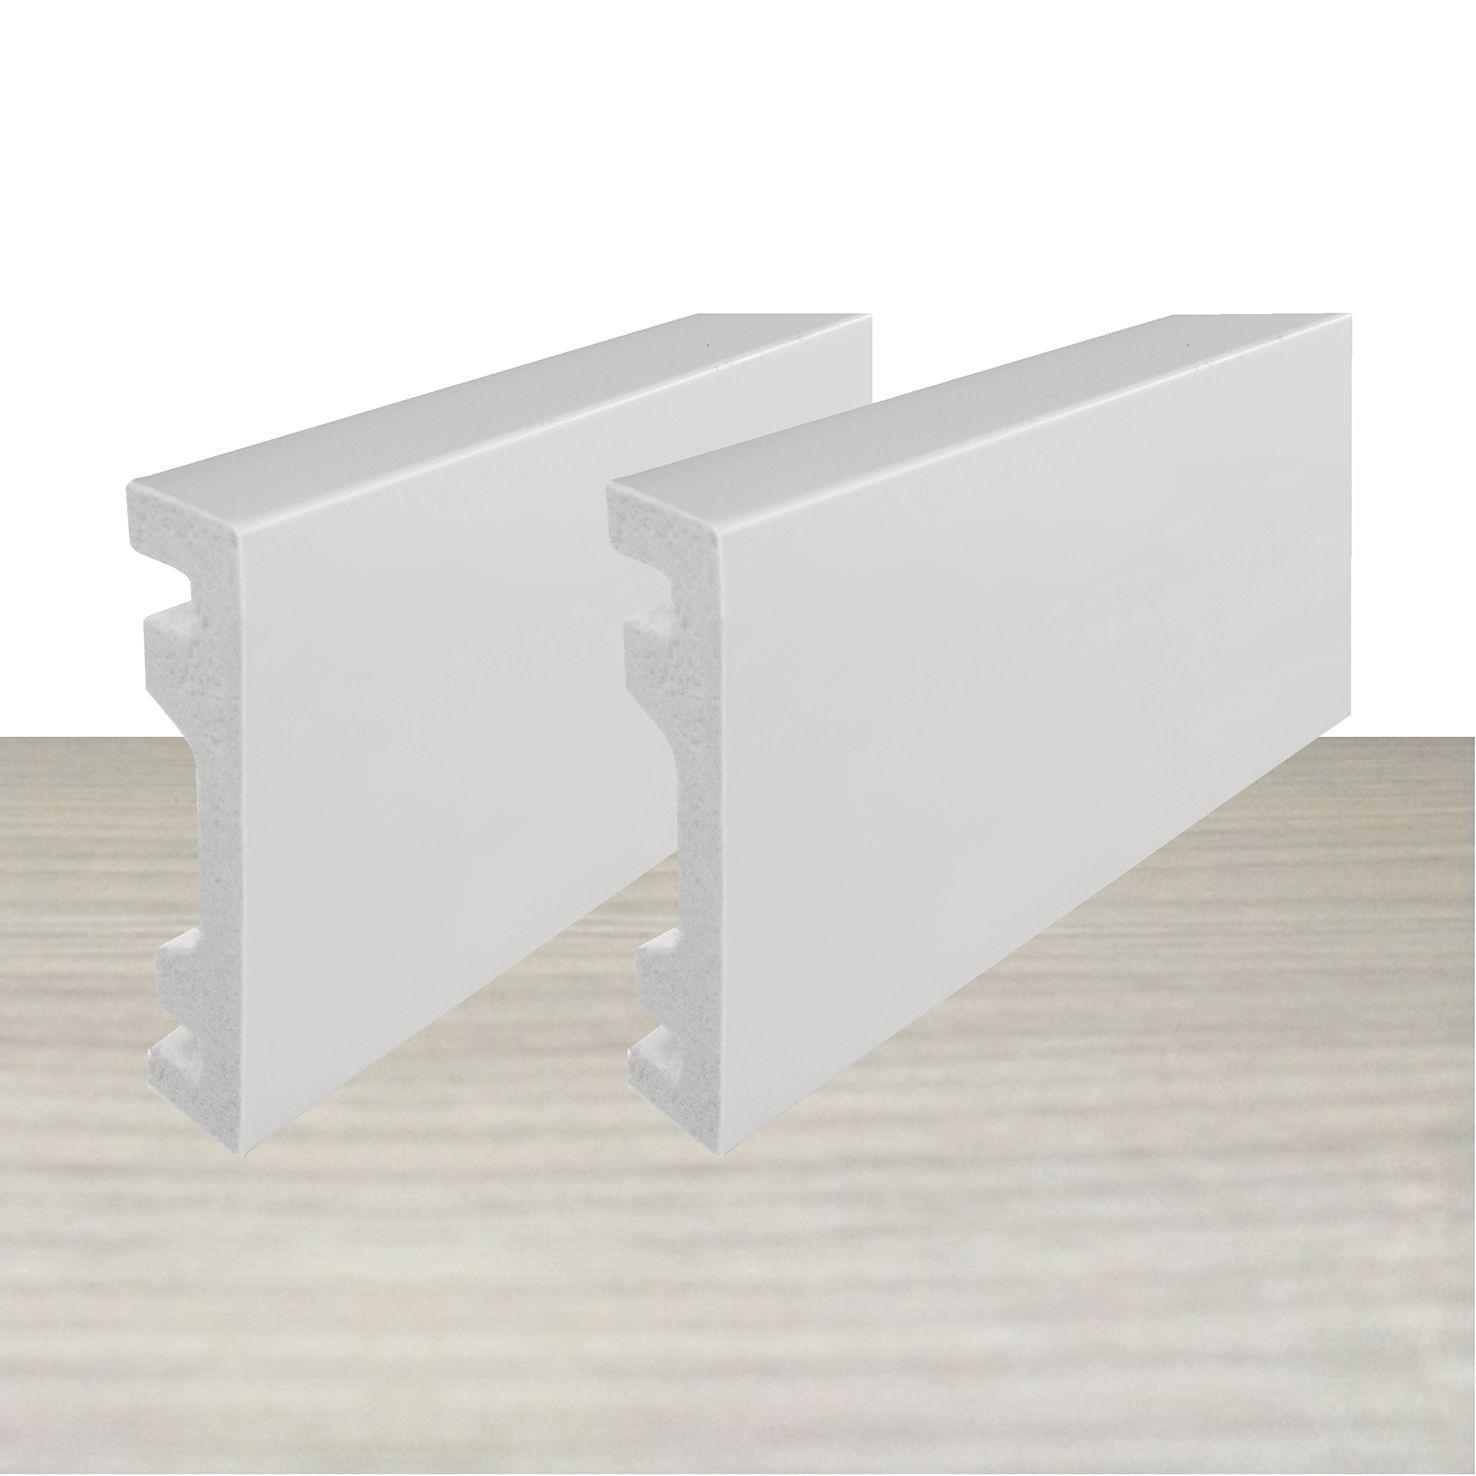 Rodapé de Poliestireno Liso 7 cm Barra de 2,4 m